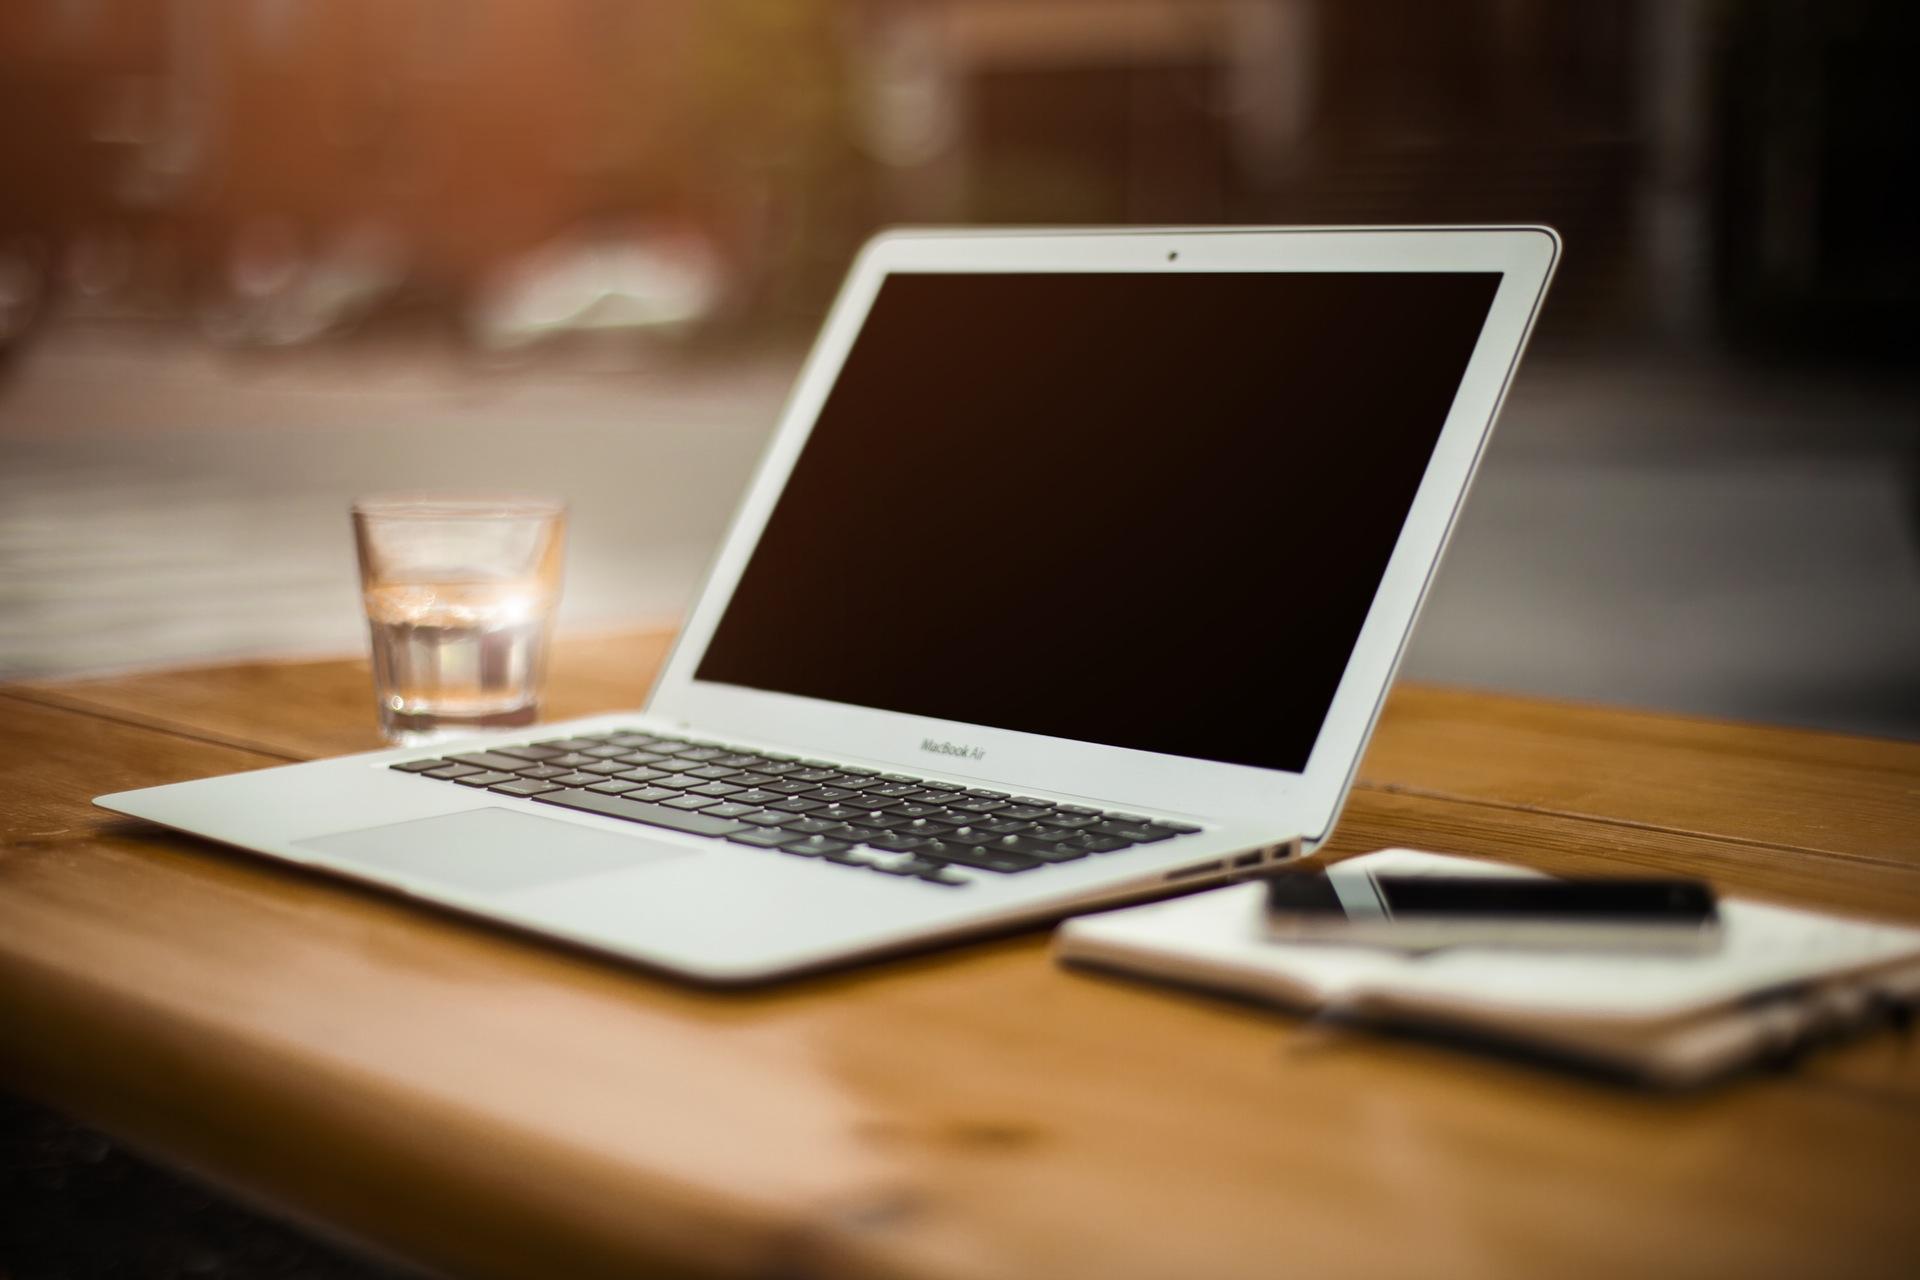 Jak wykorzystać wideokonferencje w firmie do sprzedaży usług?